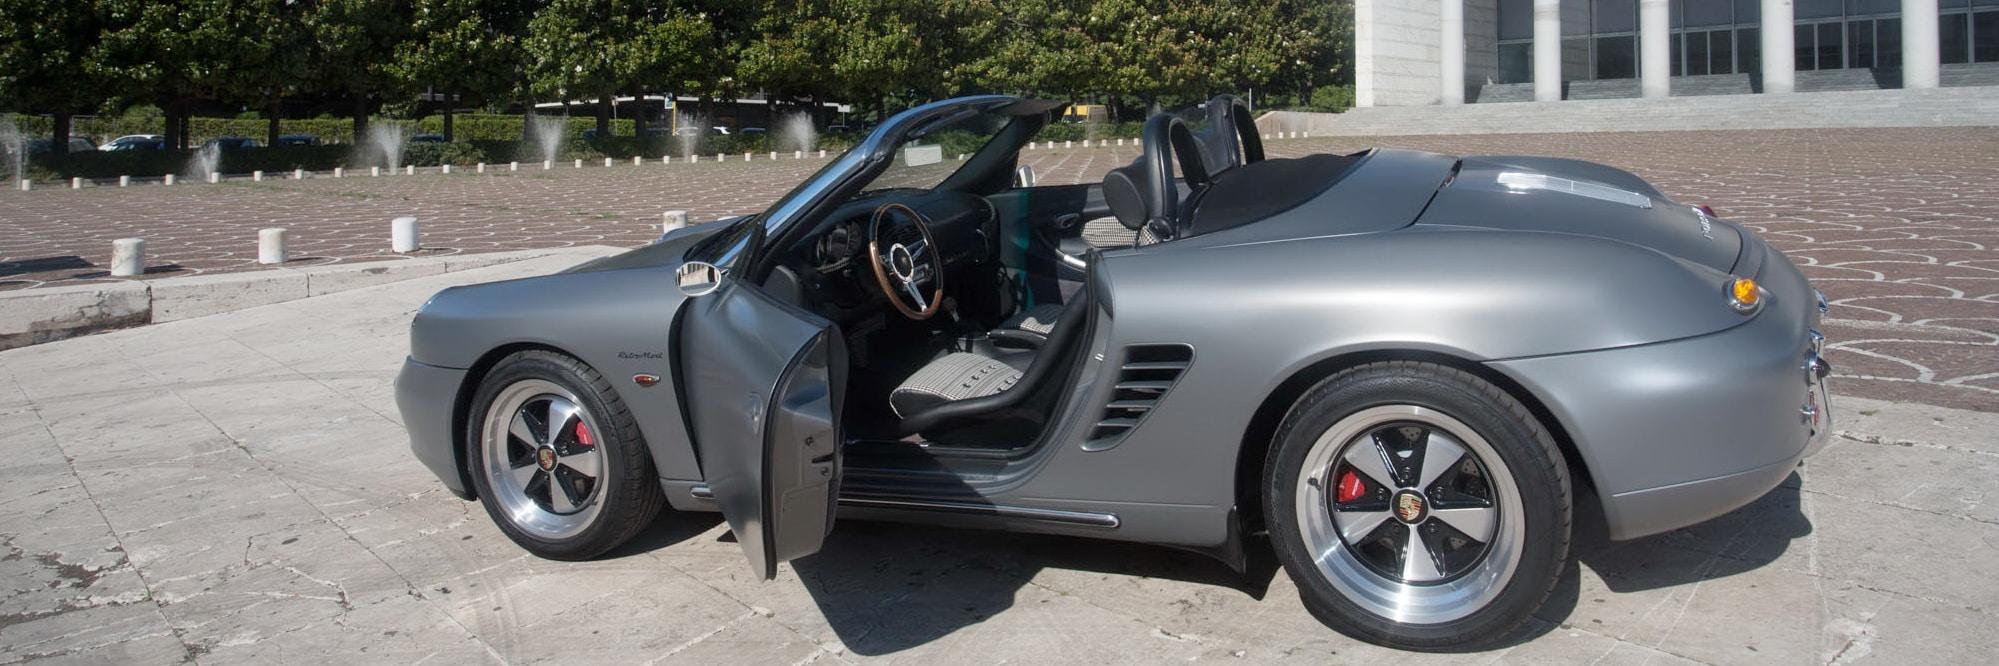 Porsche_Boxster_RetroMod_left side